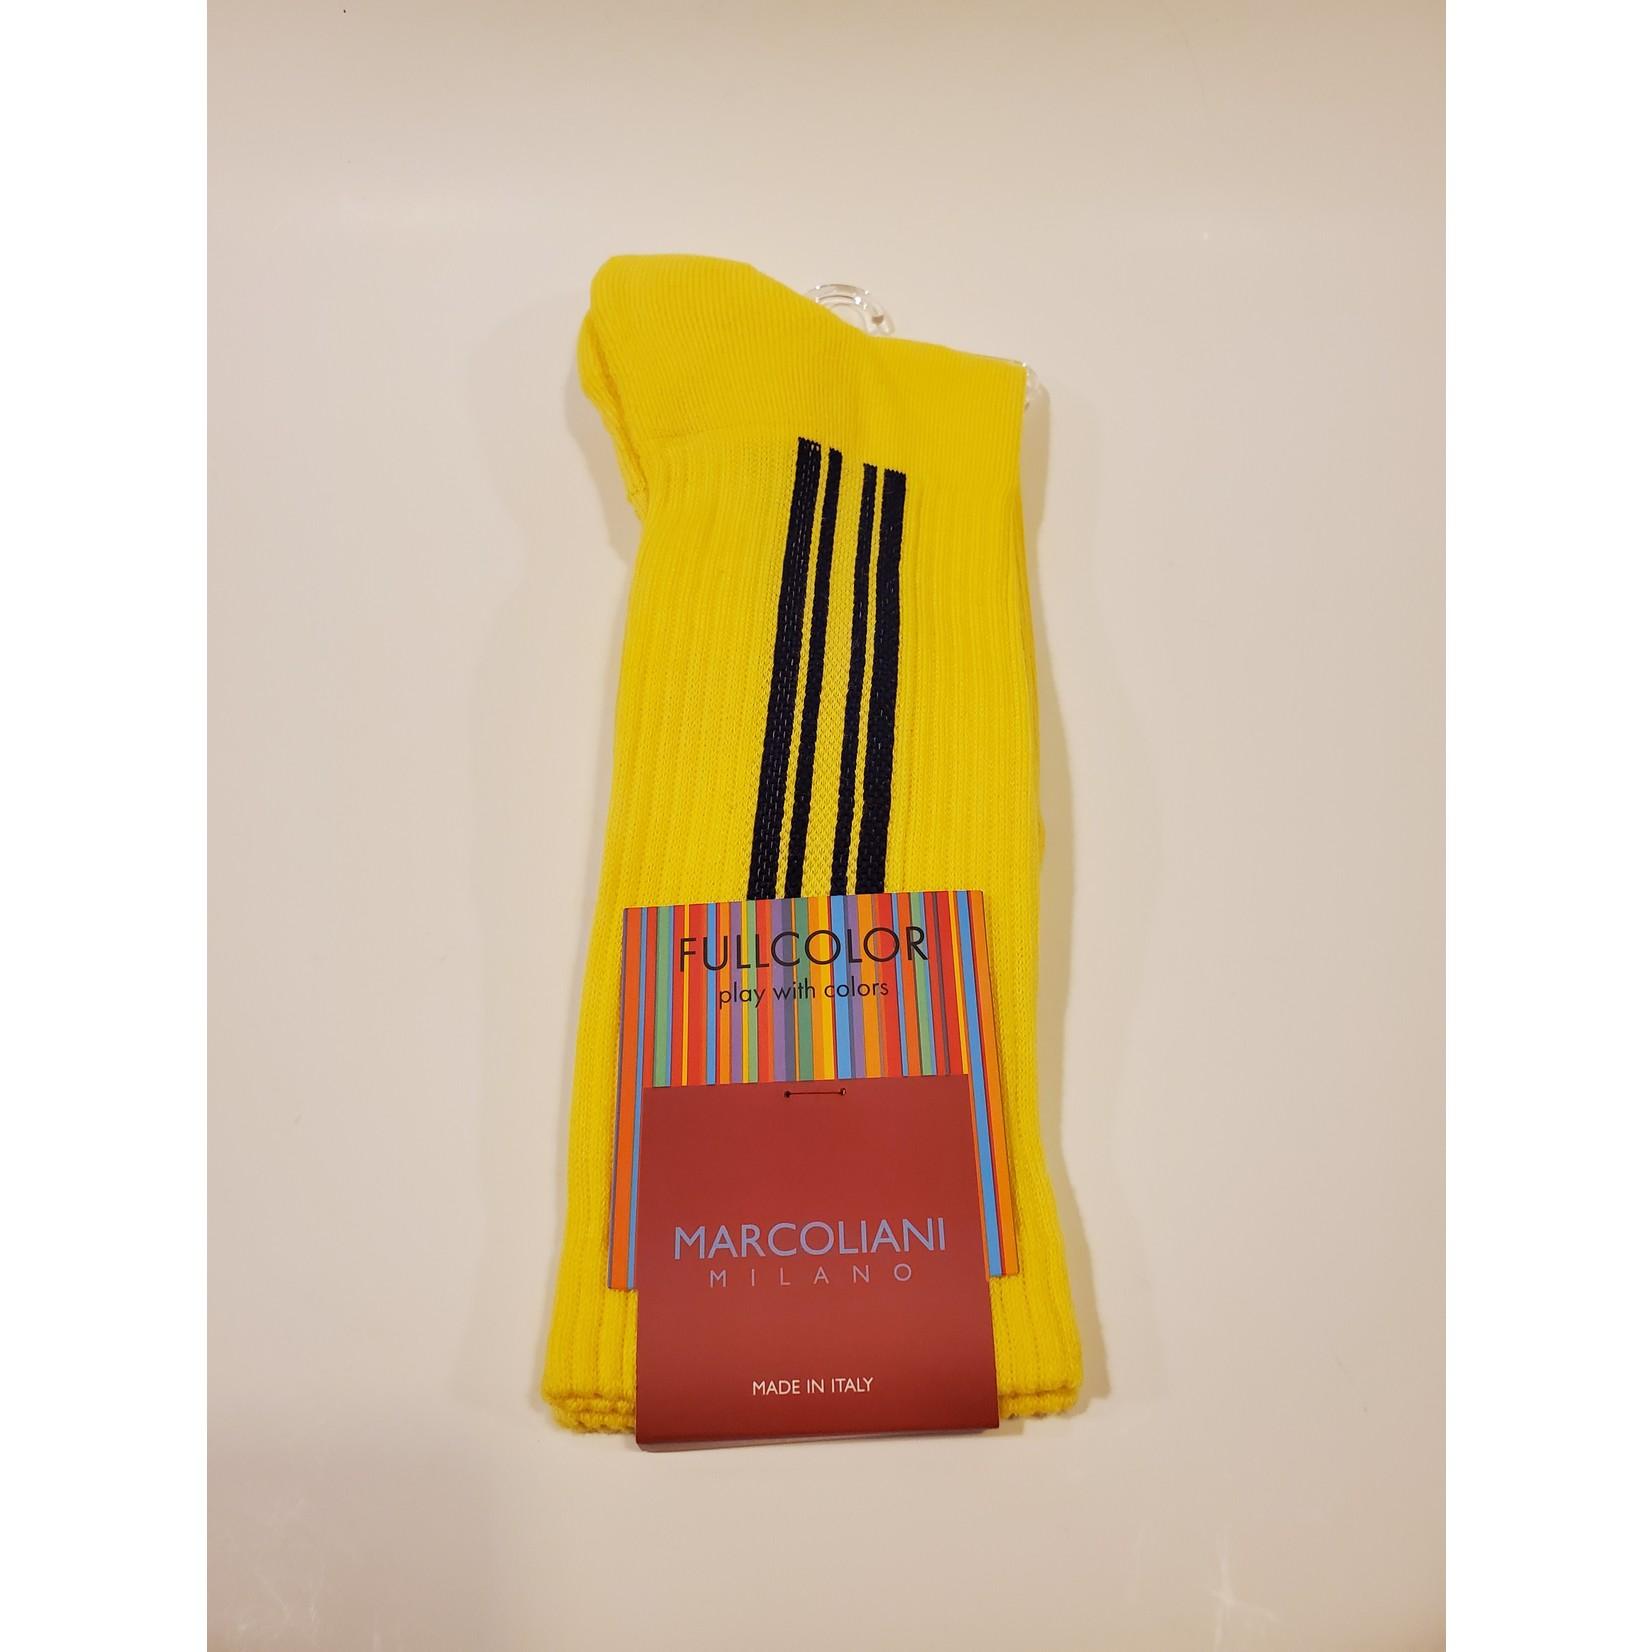 Marcoliani Marcoliani Full Color MAR4500T Vertical Stripe - 020 Yellow